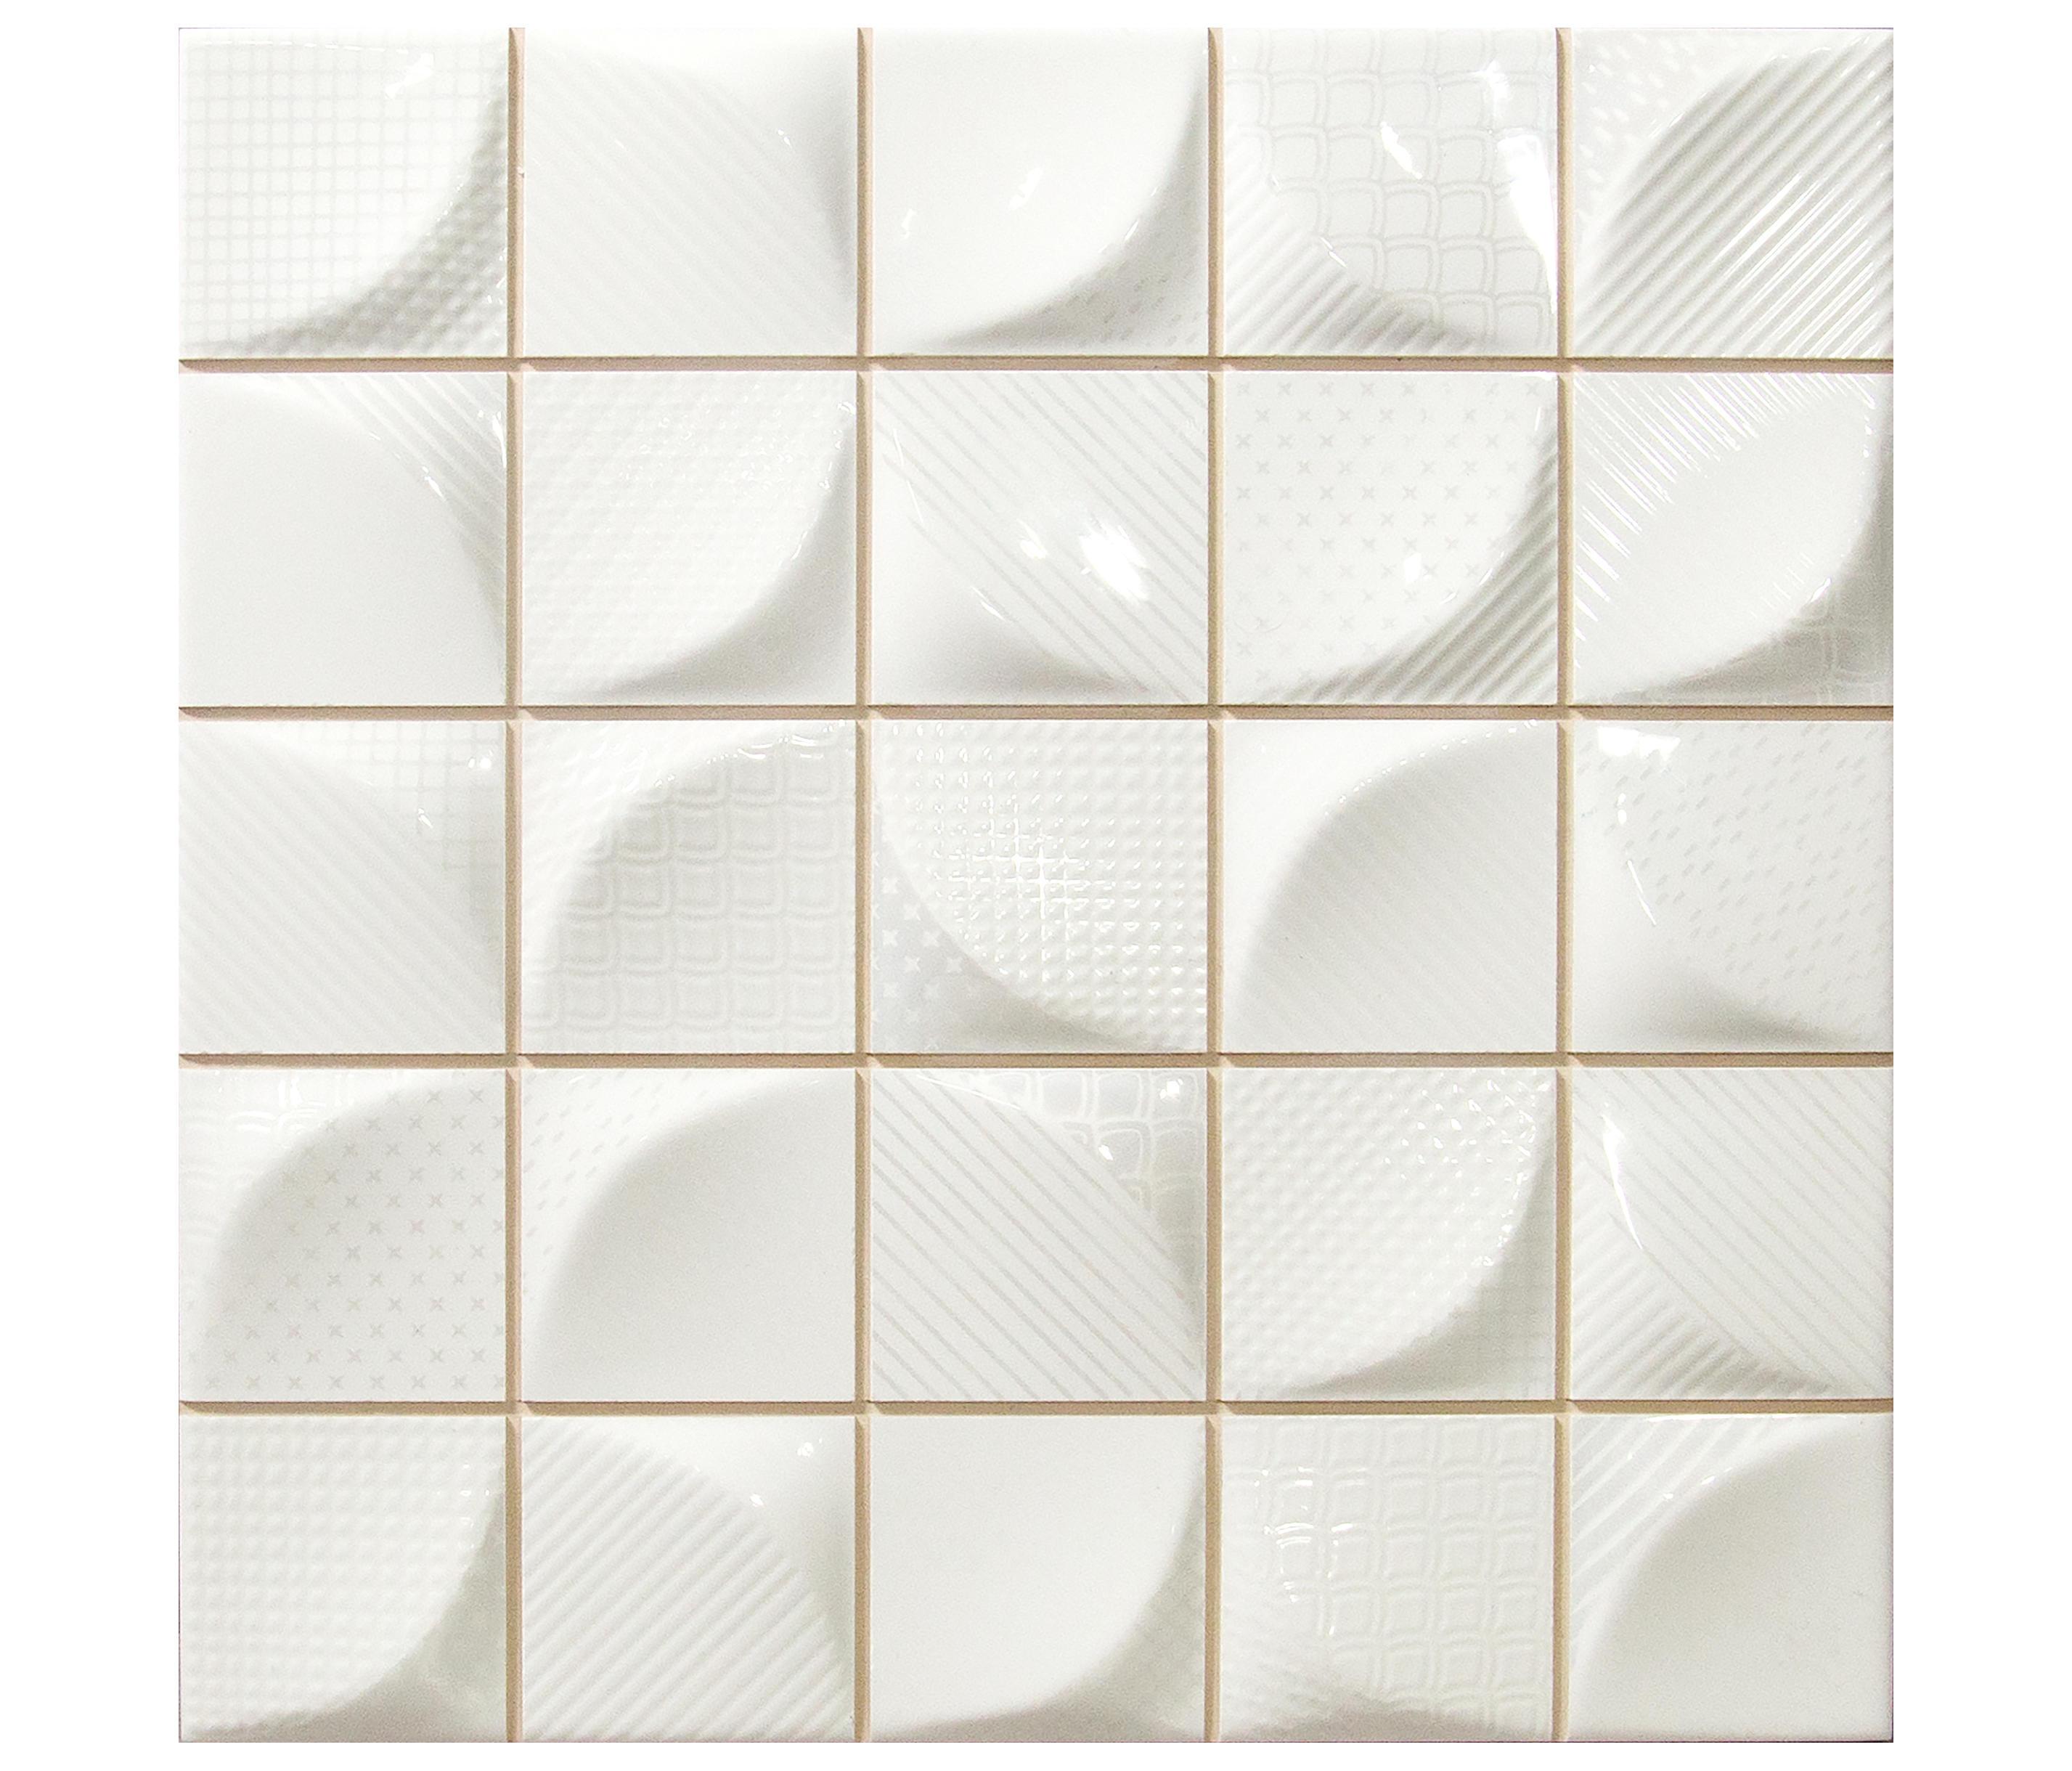 3d tissu white carrelage de dune cer mica architonic - Dune ceramica ...